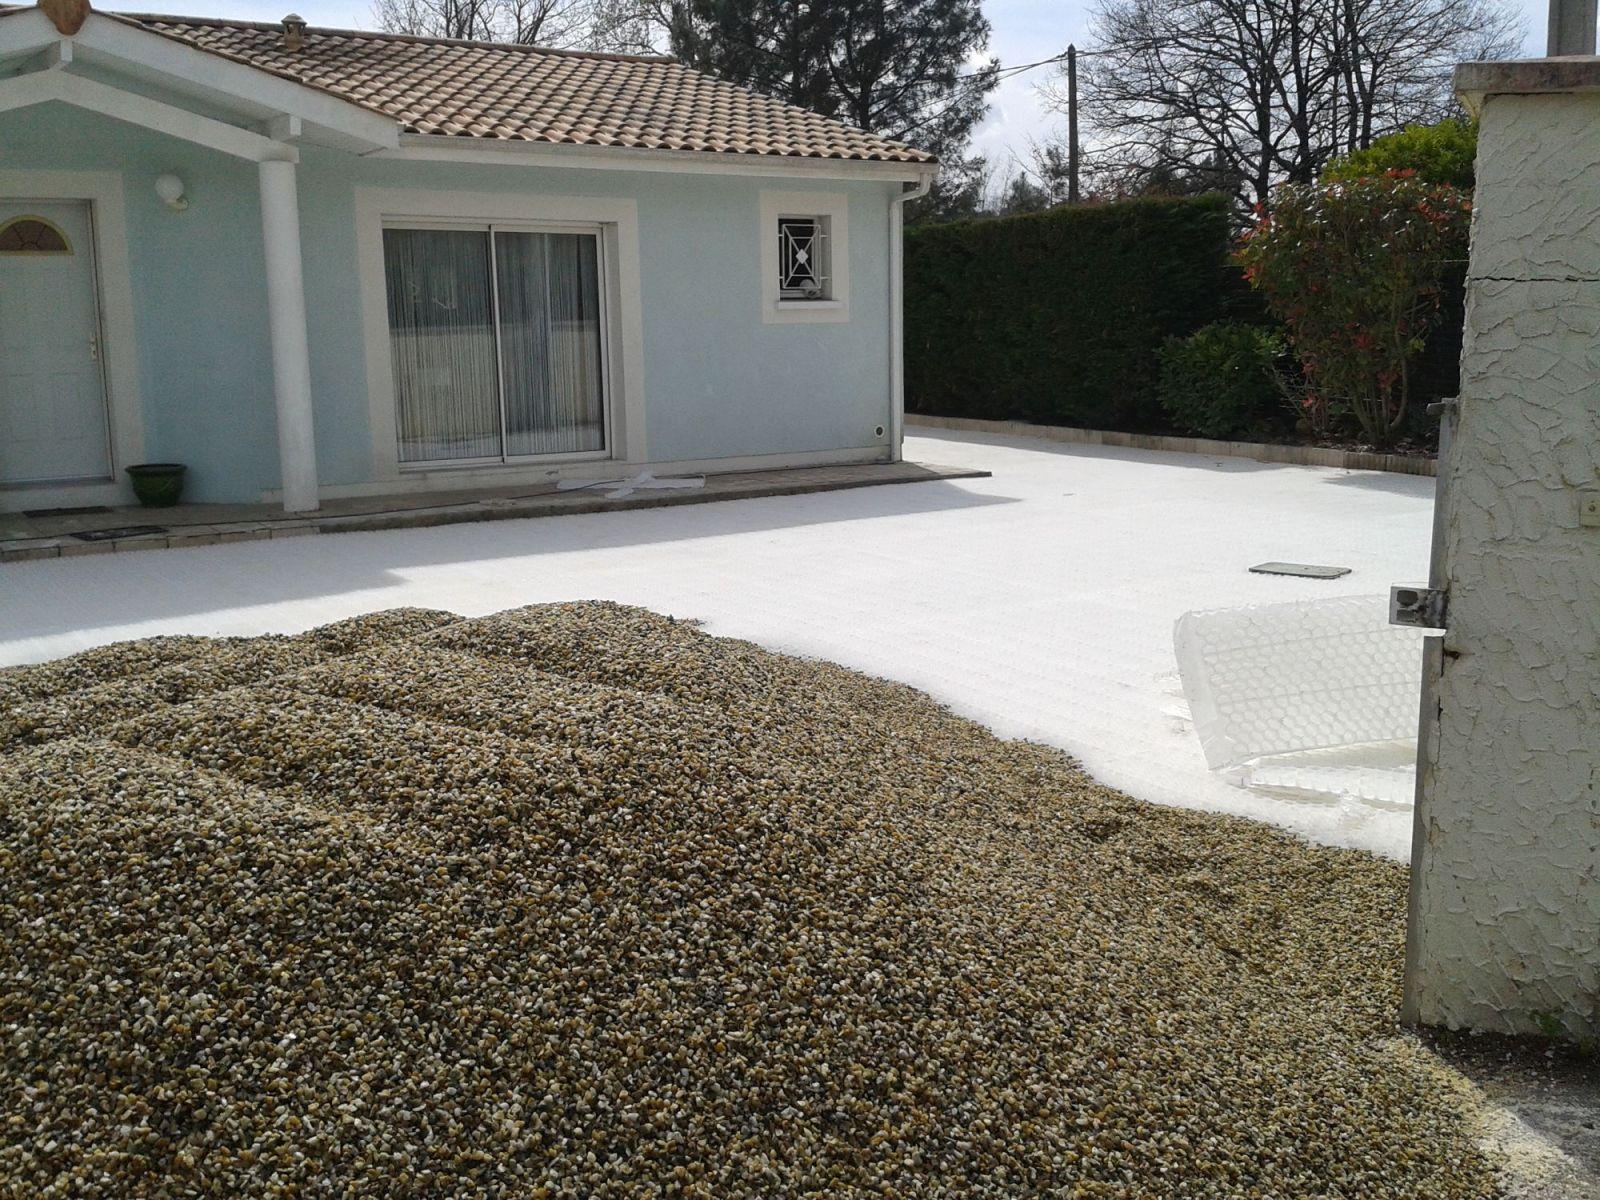 paysagiste pour r alisation d 39 un parking en gravier stabilis bordeaux am nagement de jardin. Black Bedroom Furniture Sets. Home Design Ideas